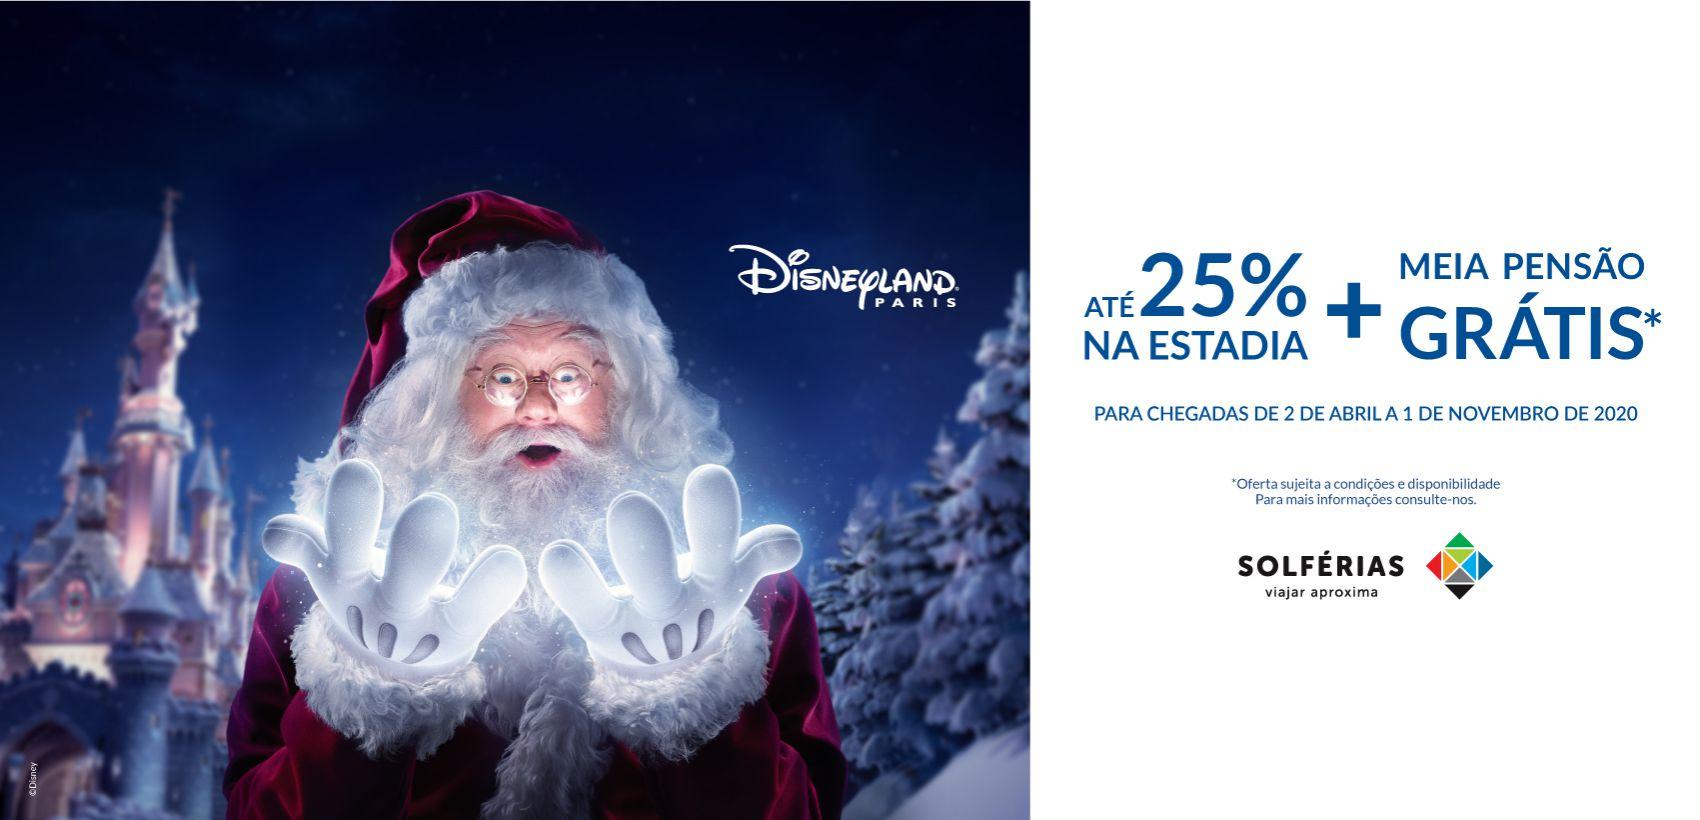 Disneyland®Paris: Alojamento+Entradas (02.04.20 a 30.09.21)